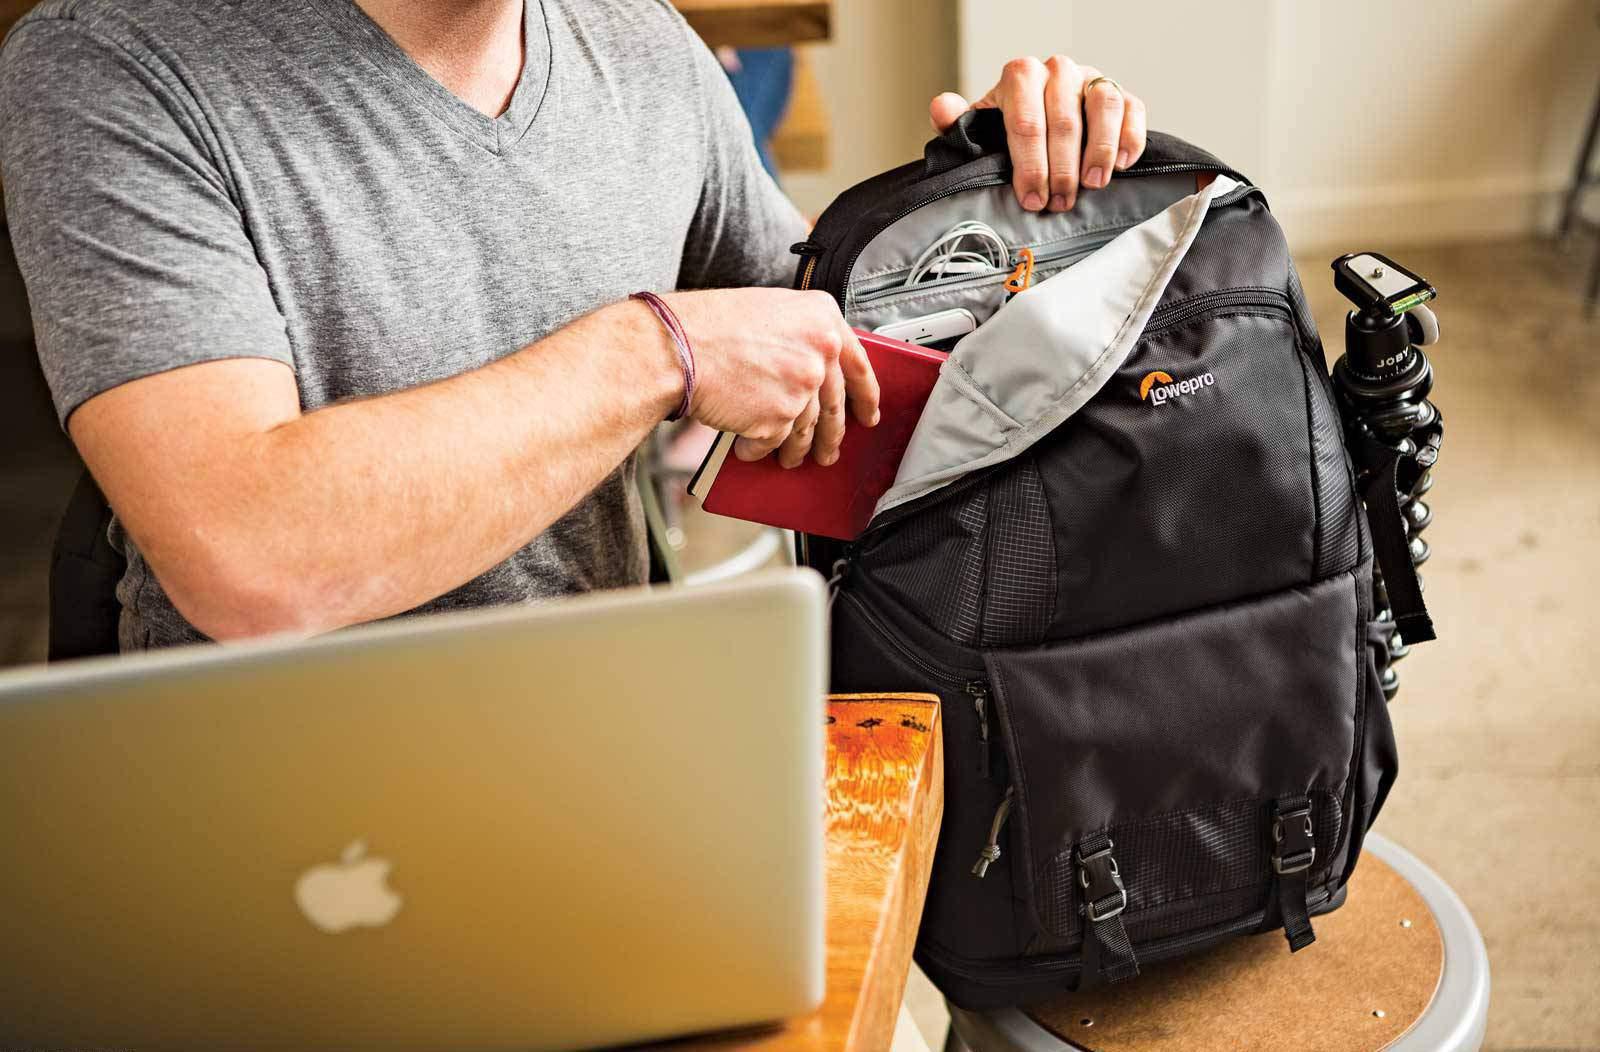 Lowepro Fastpack BP250 personal